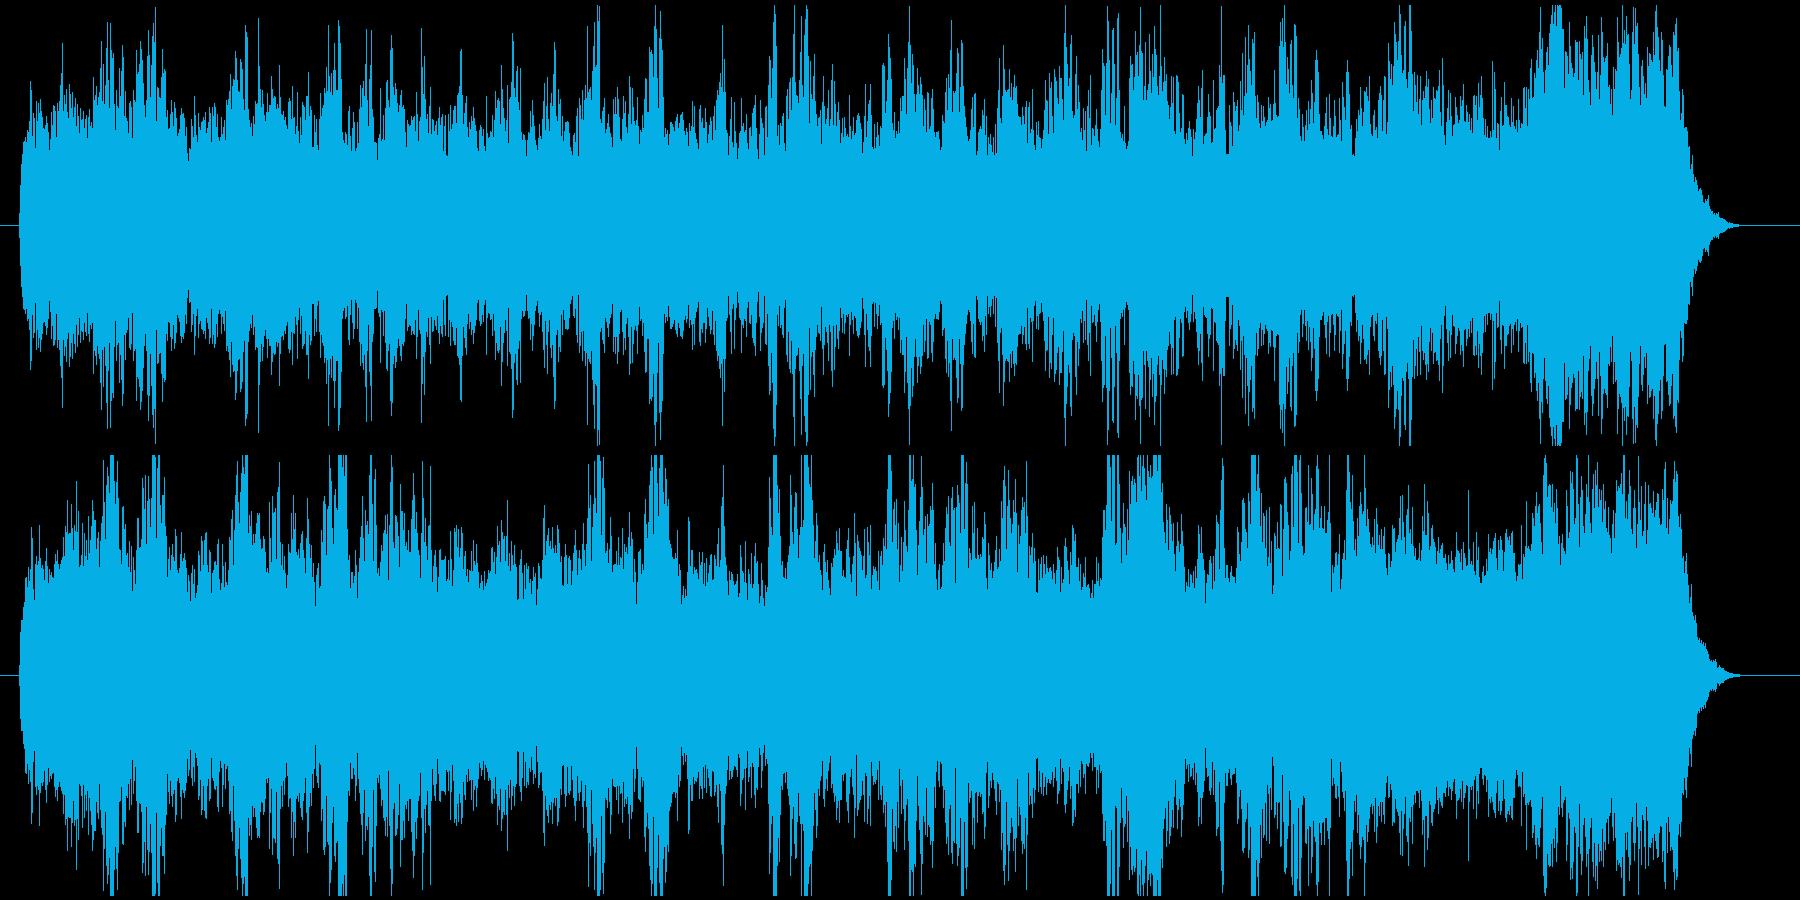 約一分のバロック調ビバルディ風の曲の再生済みの波形